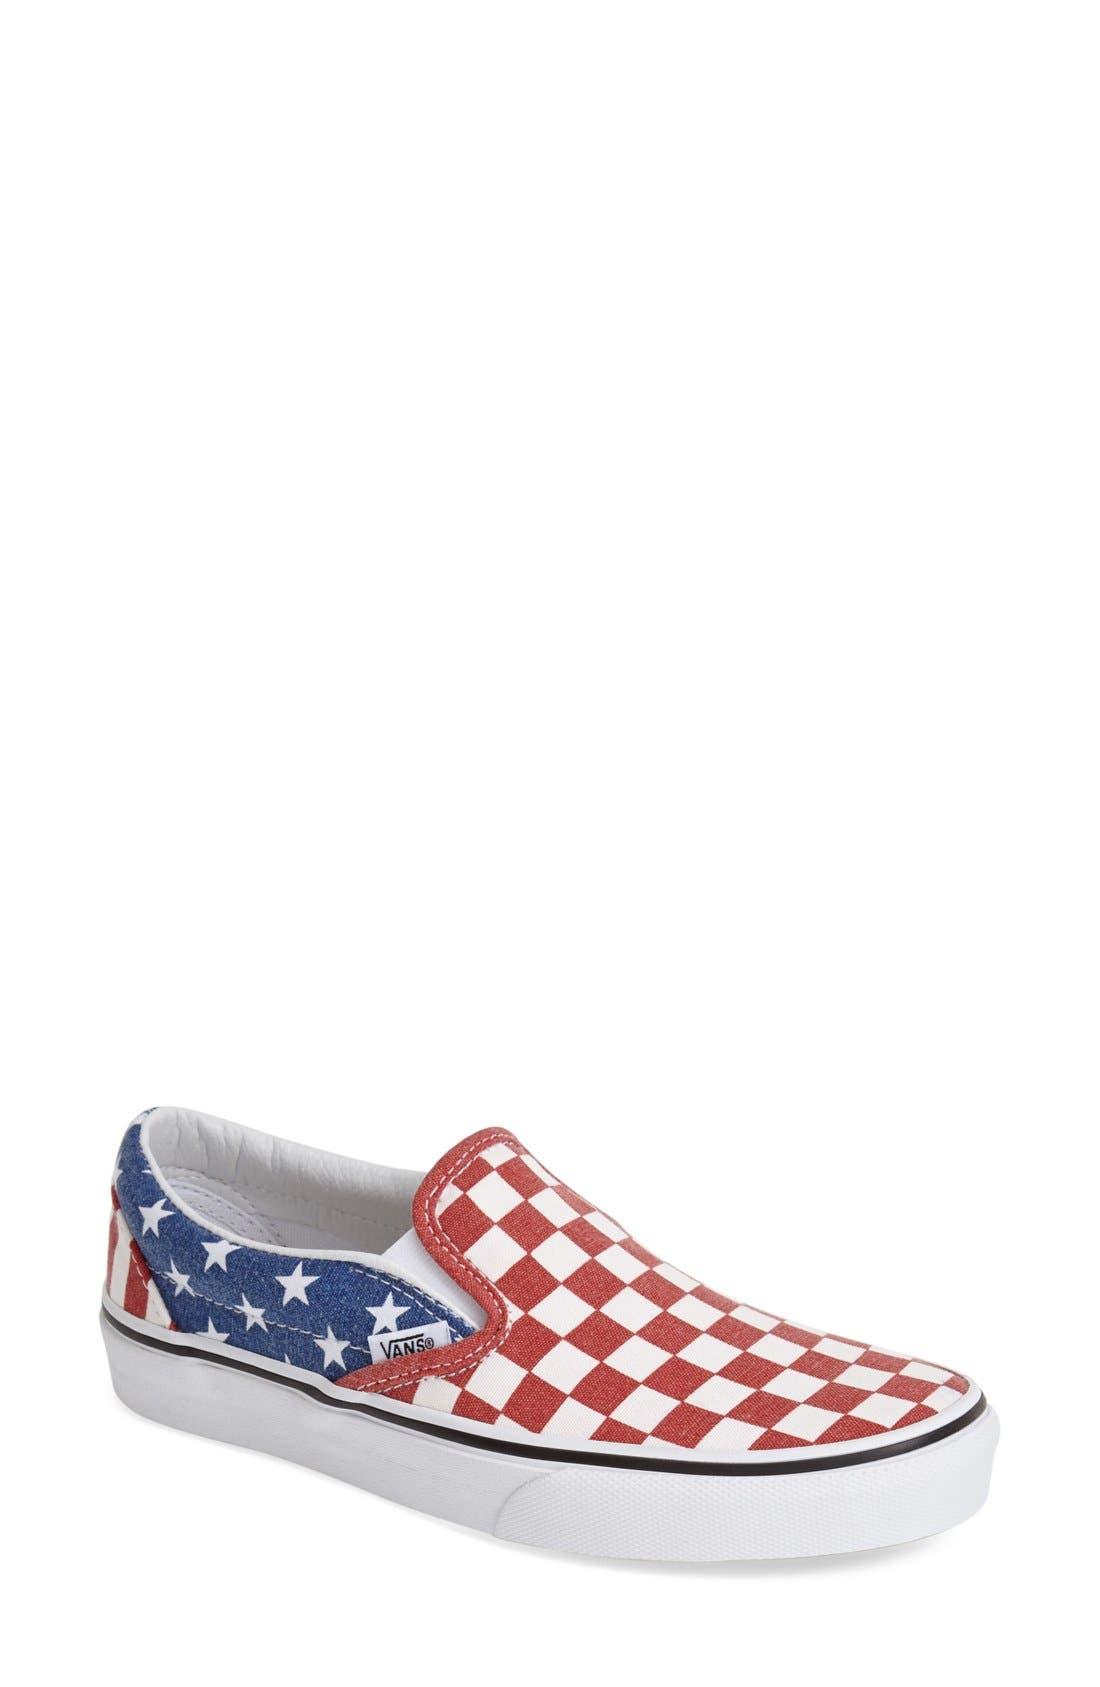 Alternate Image 1 Selected - Vans 'Van Doren' Slip-On Sneaker (Women)